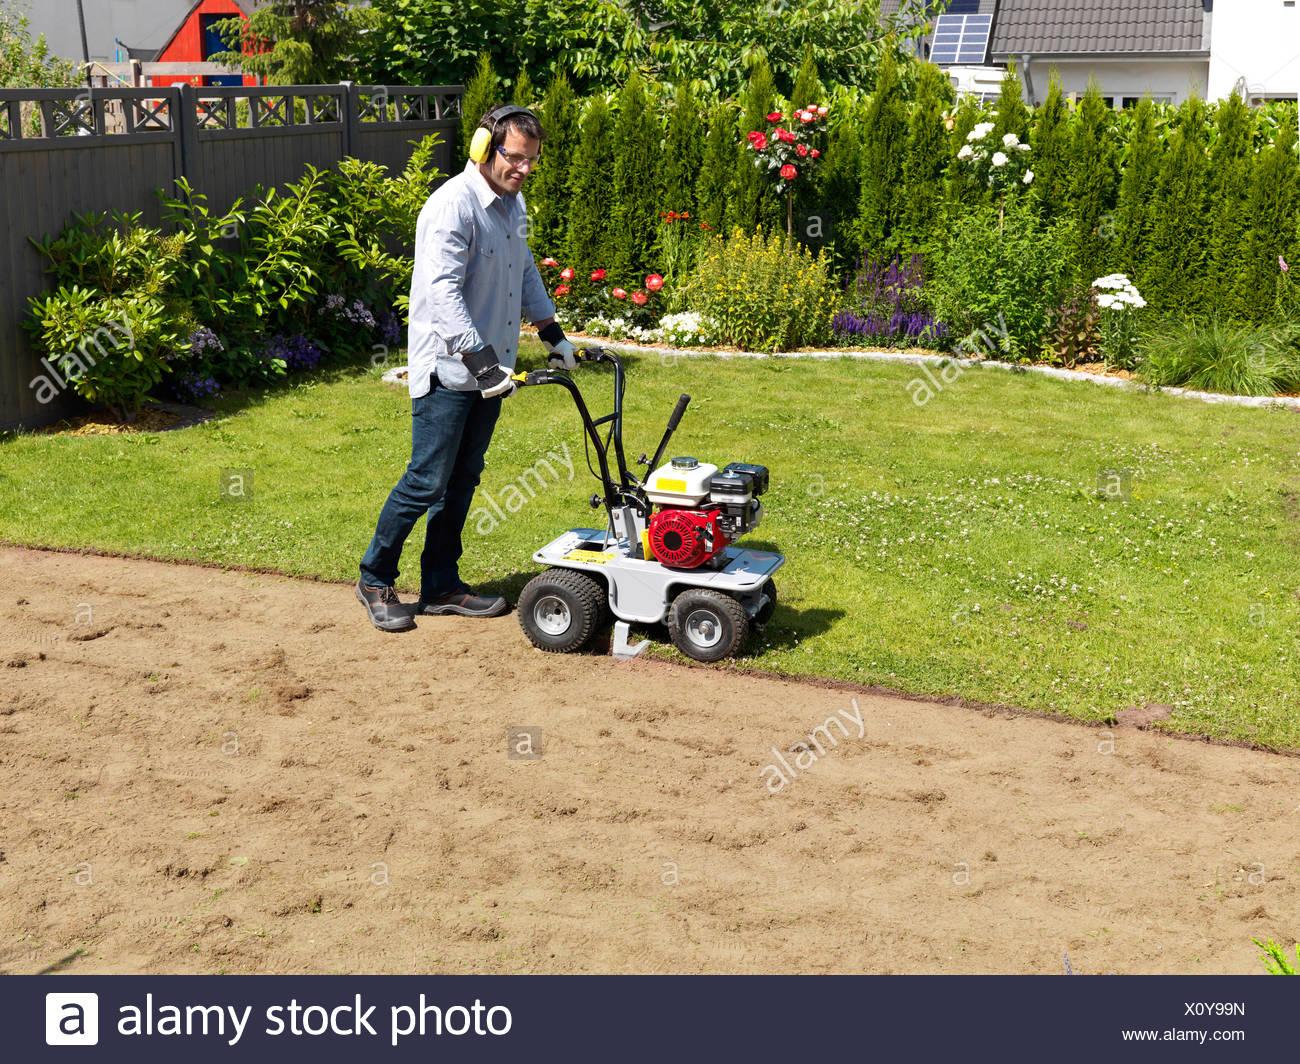 turf, lay, garden, man, sod cutter, lawn Stock Photo